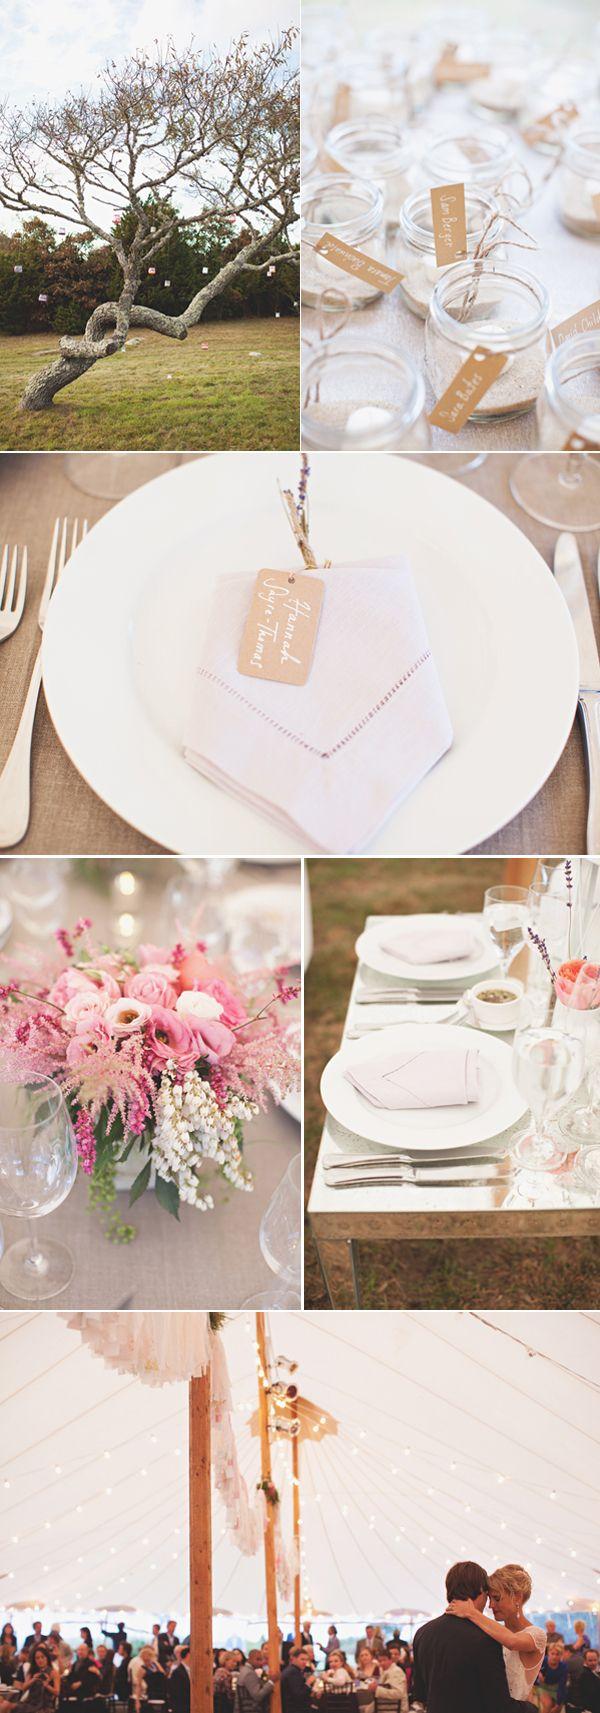 125 best Wedding Inspiration images on Pinterest | Spanish wedding ...